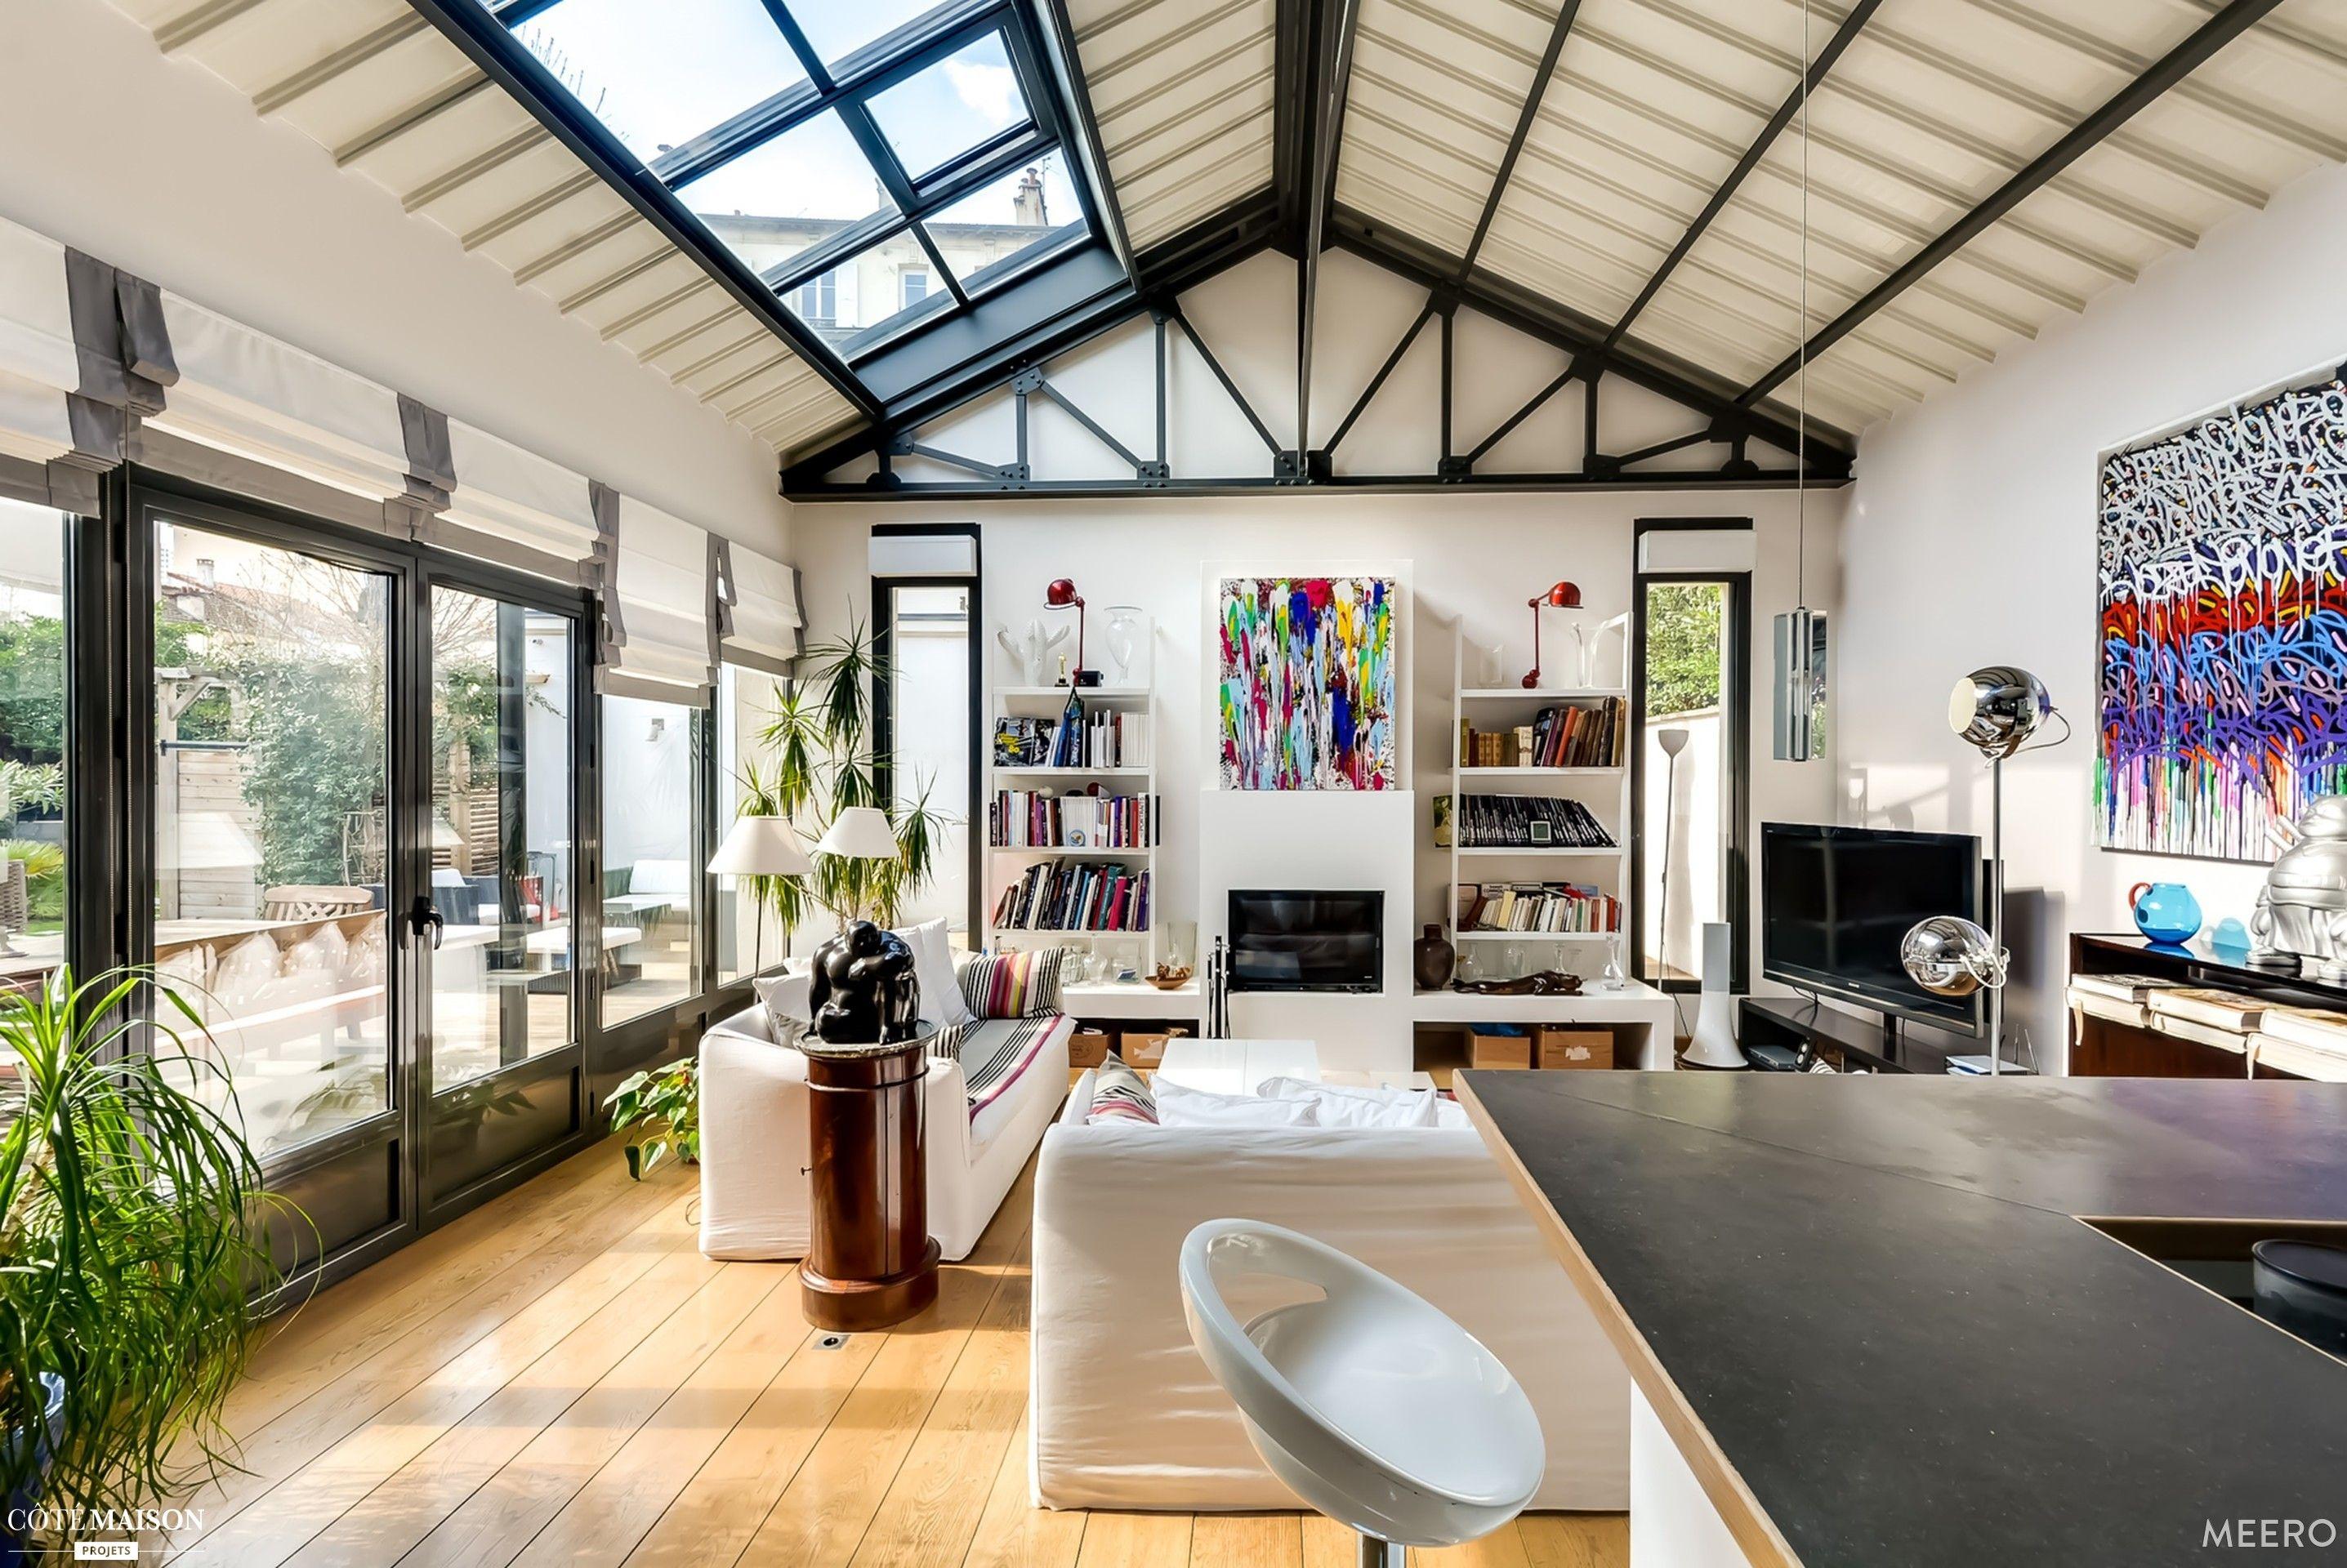 grand loft moderne et ouverte avec poutres m talliques apparentes d co rurale dans ces maisons. Black Bedroom Furniture Sets. Home Design Ideas